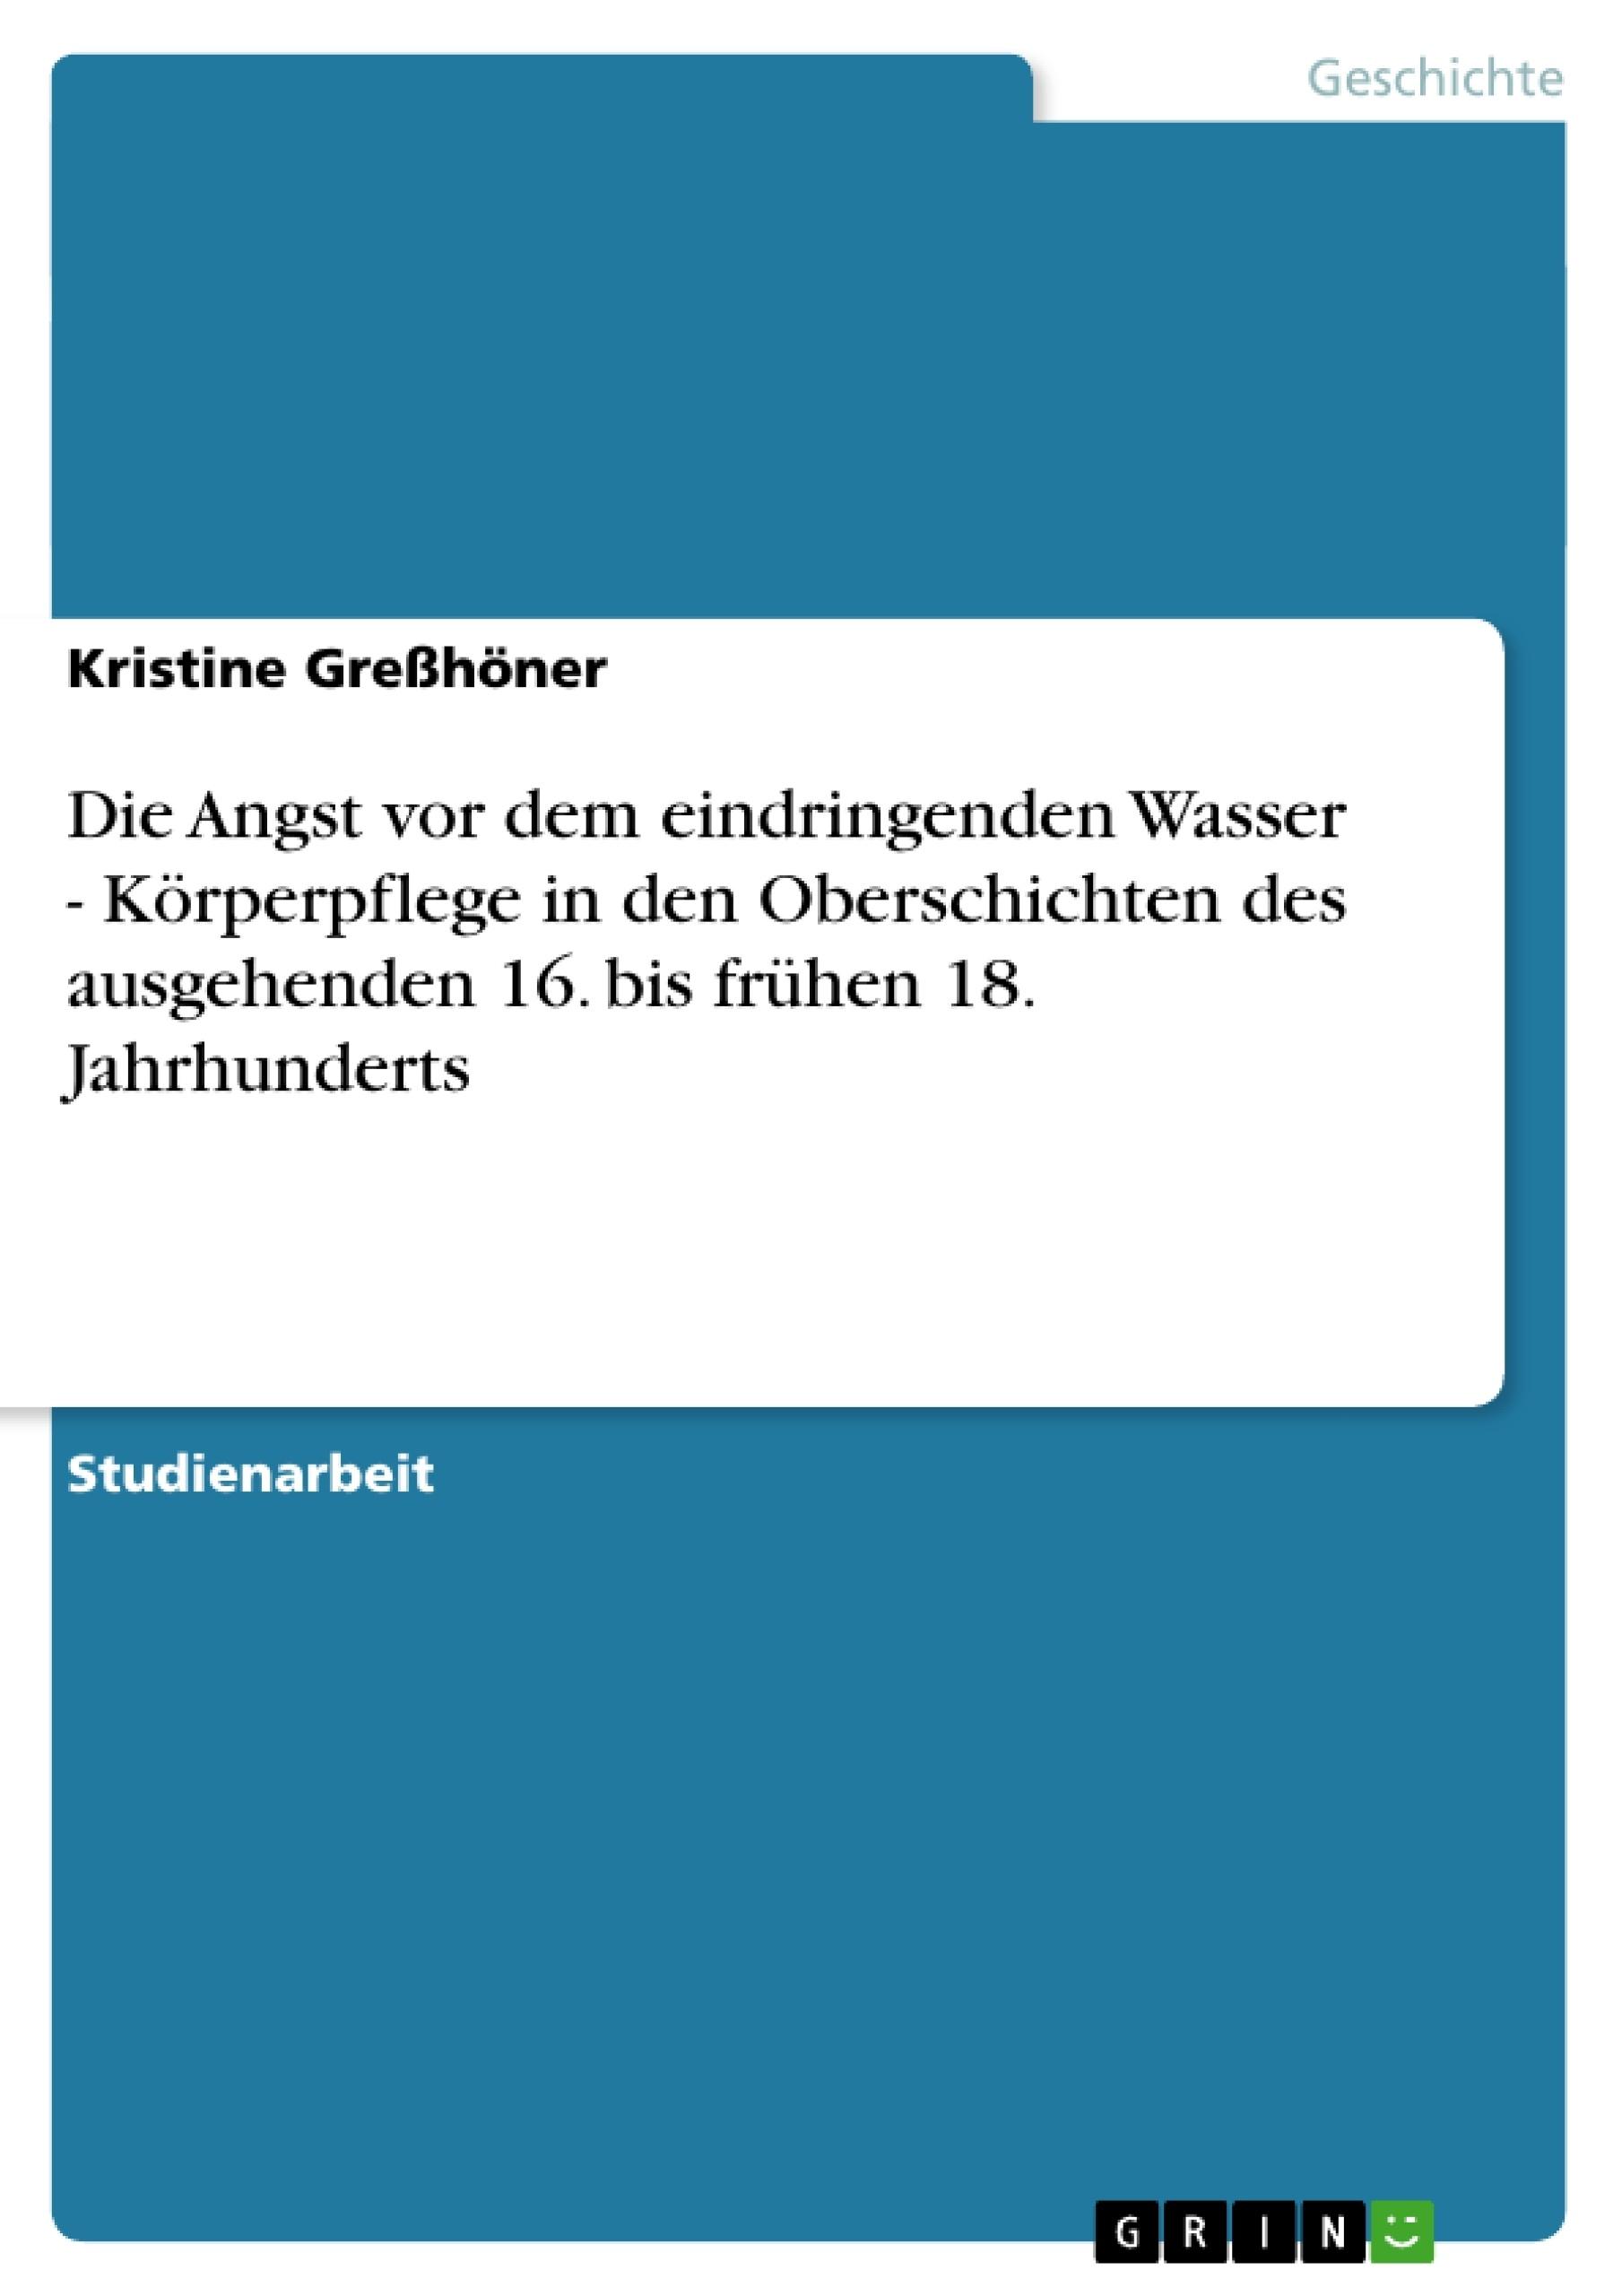 Titel: Die Angst vor dem eindringenden Wasser - Körperpflege in den Oberschichten des ausgehenden 16. bis frühen 18. Jahrhunderts